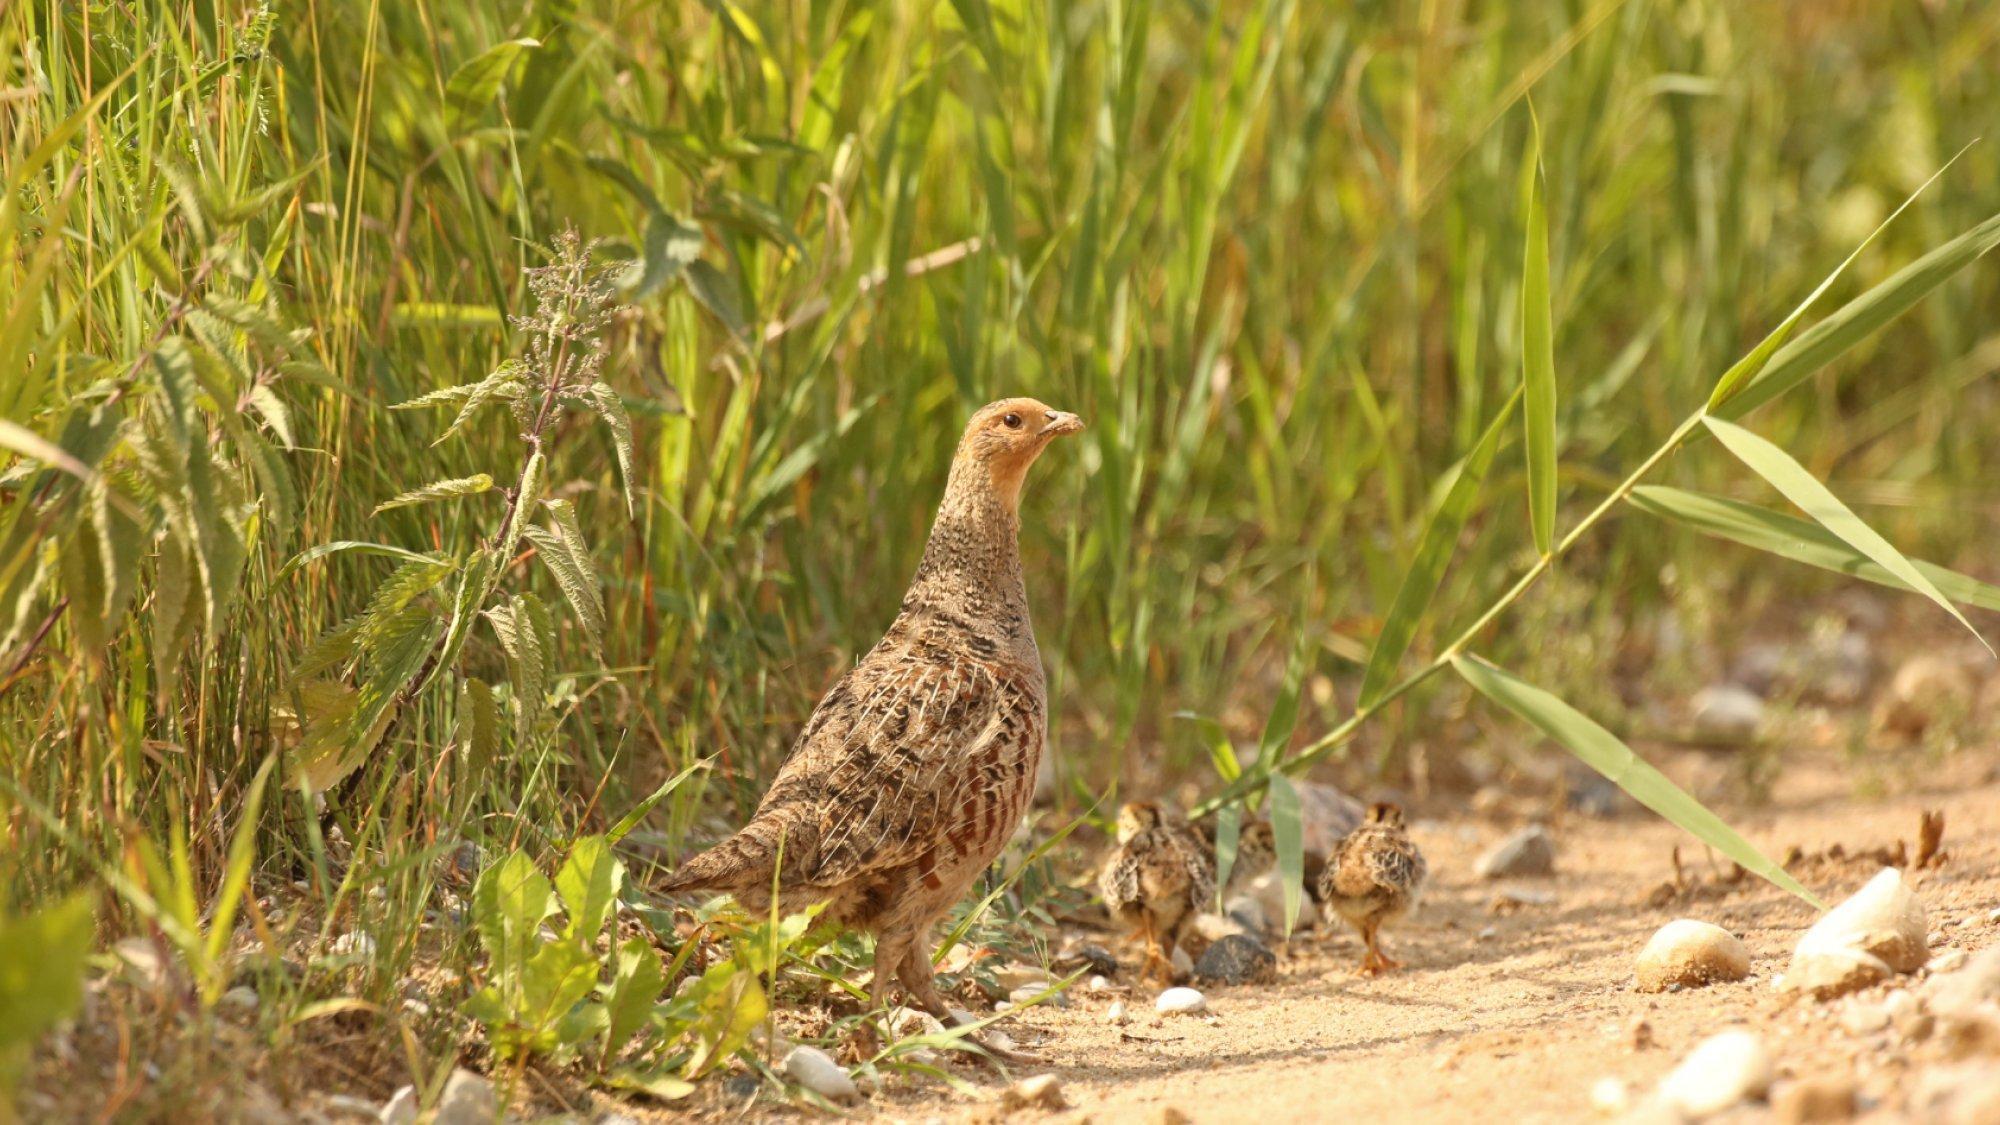 Eine Rebhuhn-Henne mit ihren Küken am Feldrand